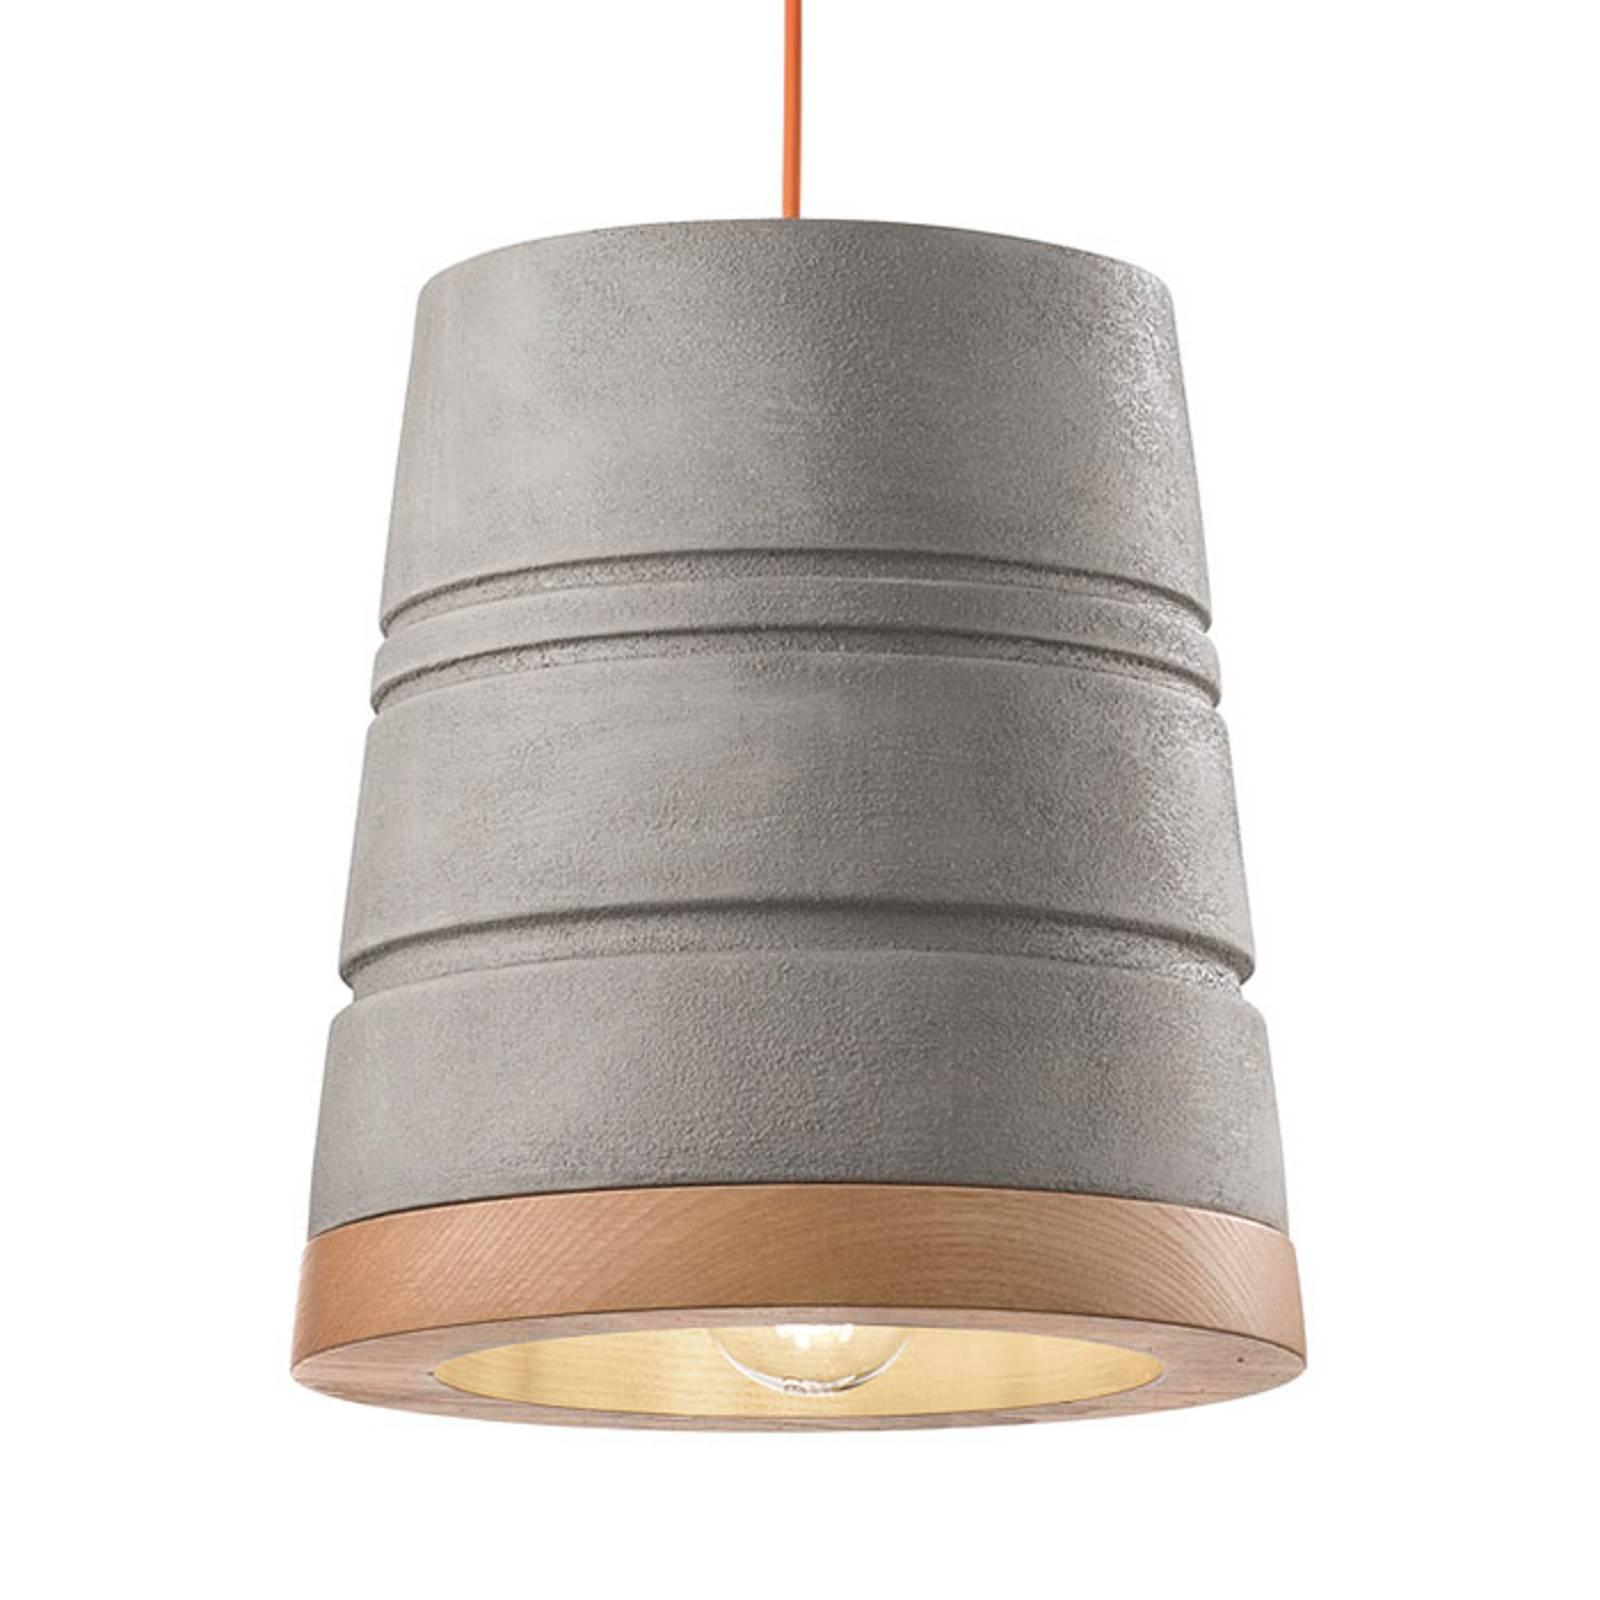 Scandinavische keramieken hanglamp C1786 cement